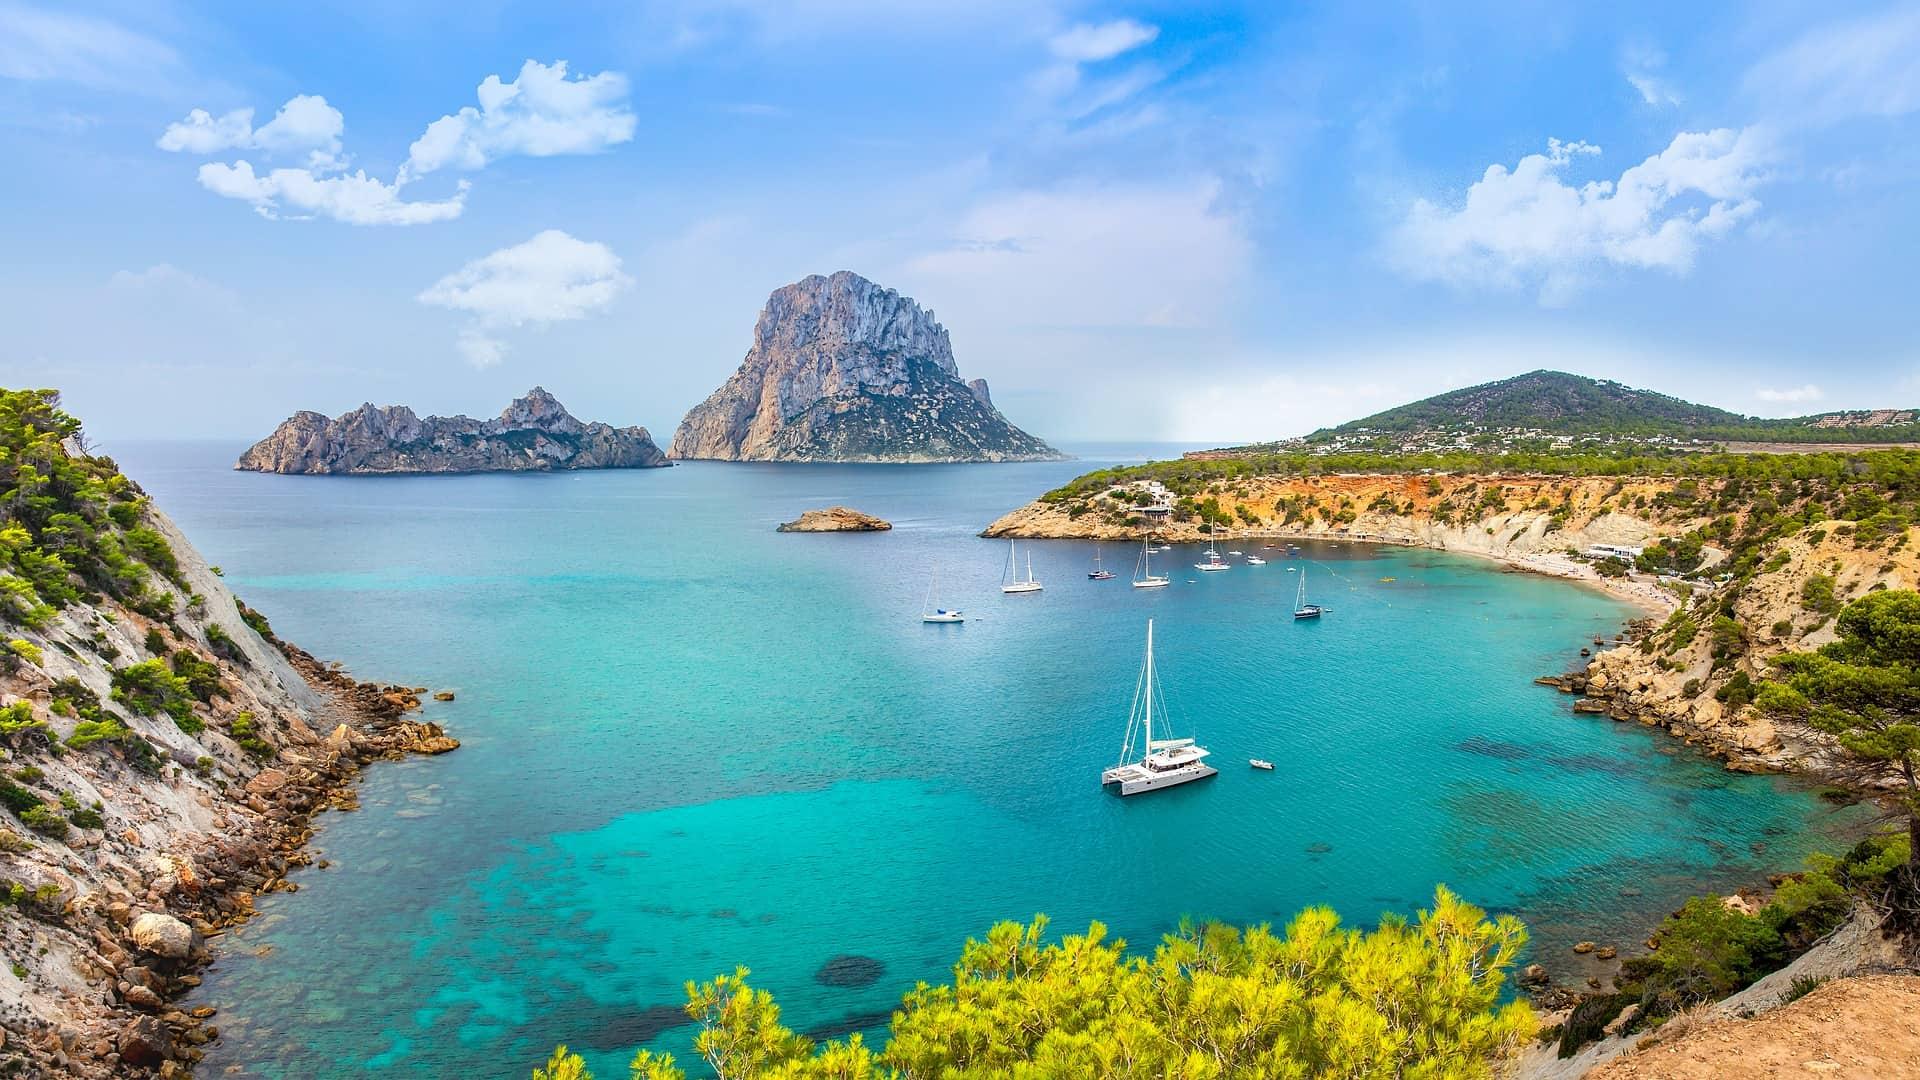 Ibiza Urlaub auf den Balearen - August ist die Primetime